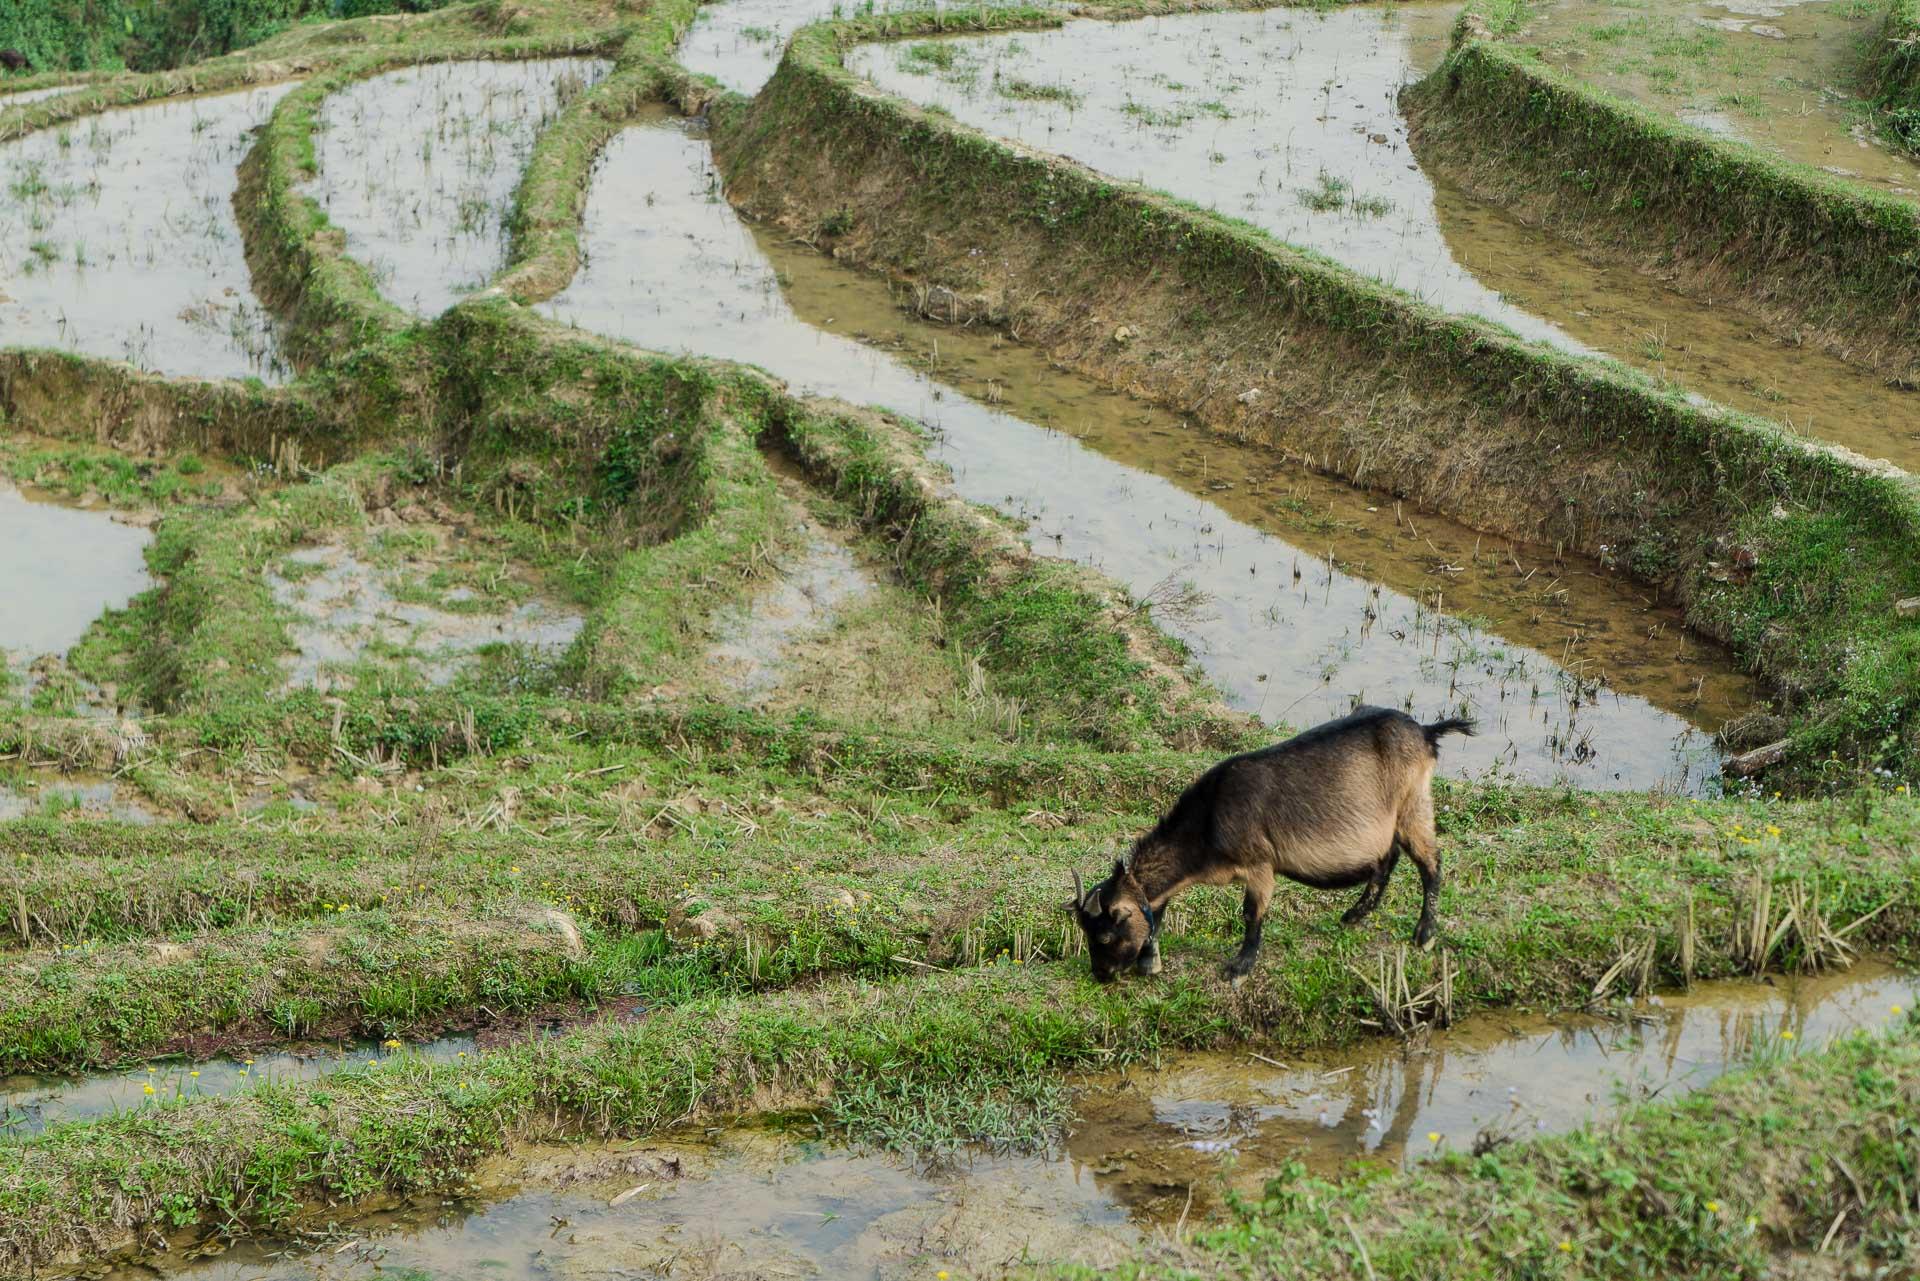 lesvoyageuses-trek-sapa-minorites-ethniques-itineraire-vietnam-15